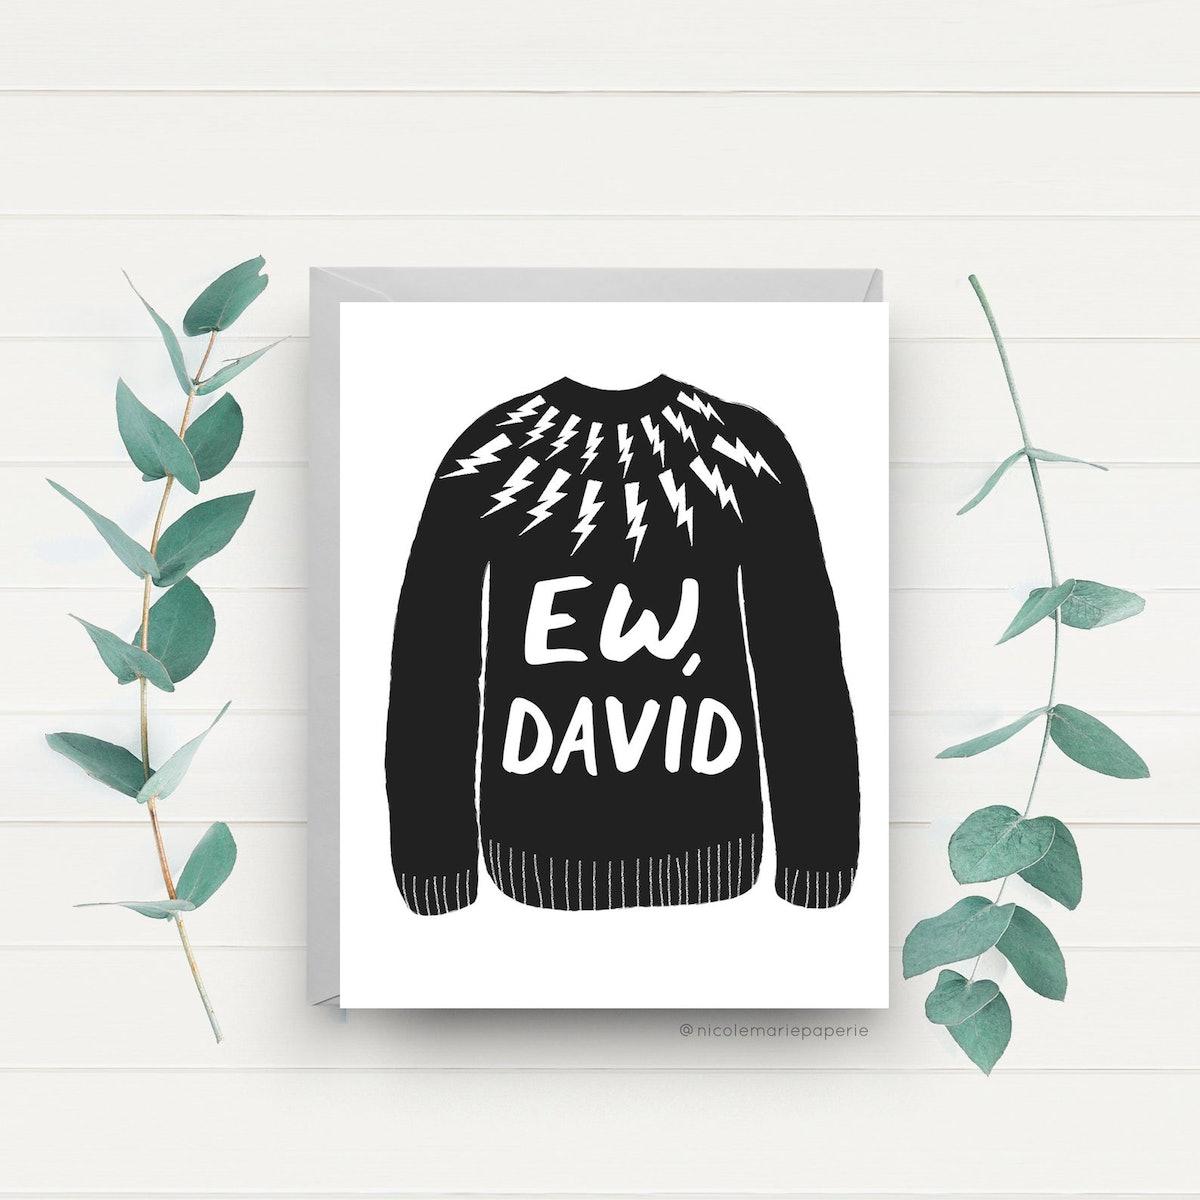 Ew, David, Funny Card